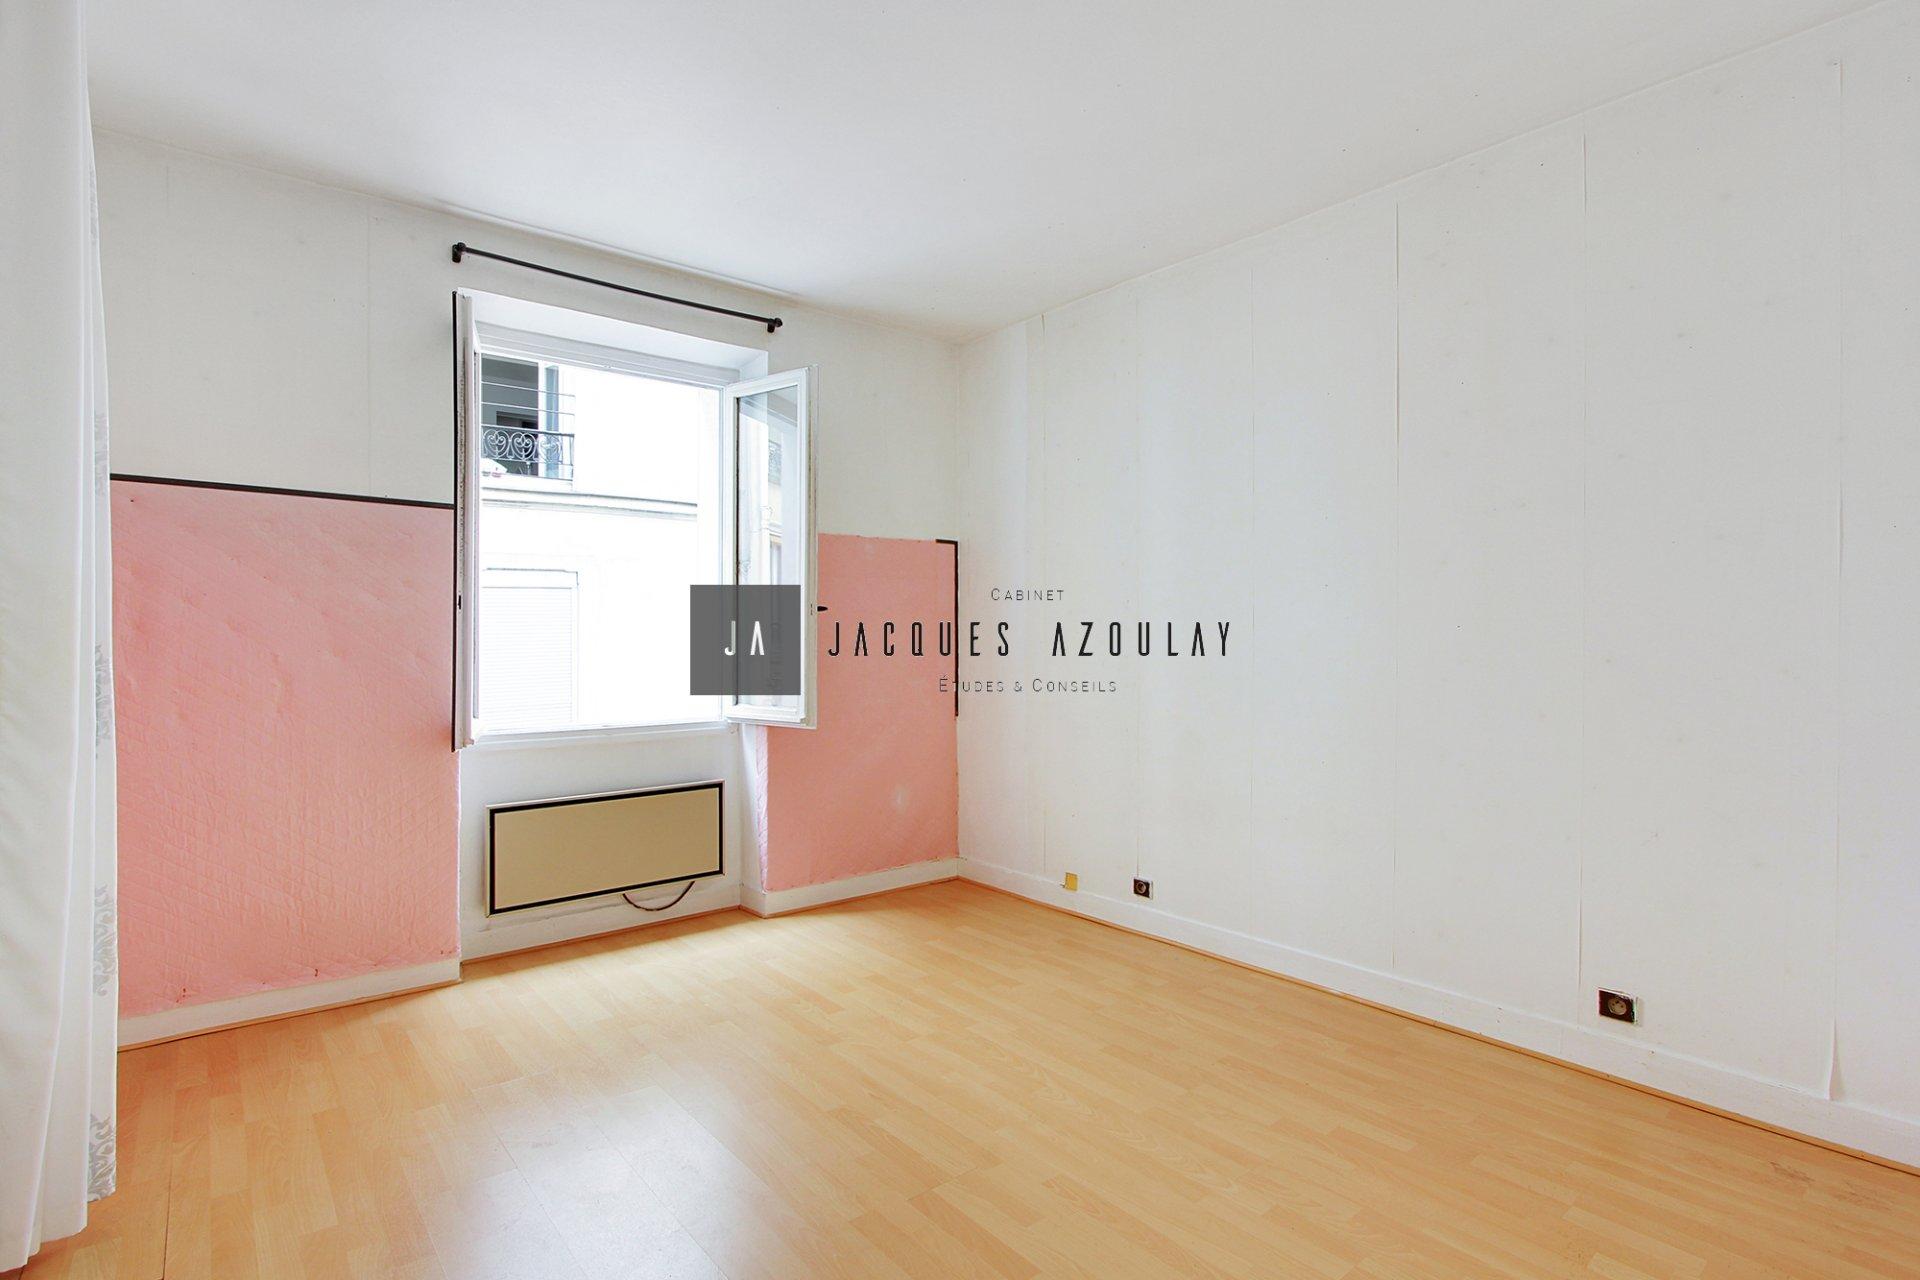 Vente Appartement - Paris 11ème Sainte-Marguerite